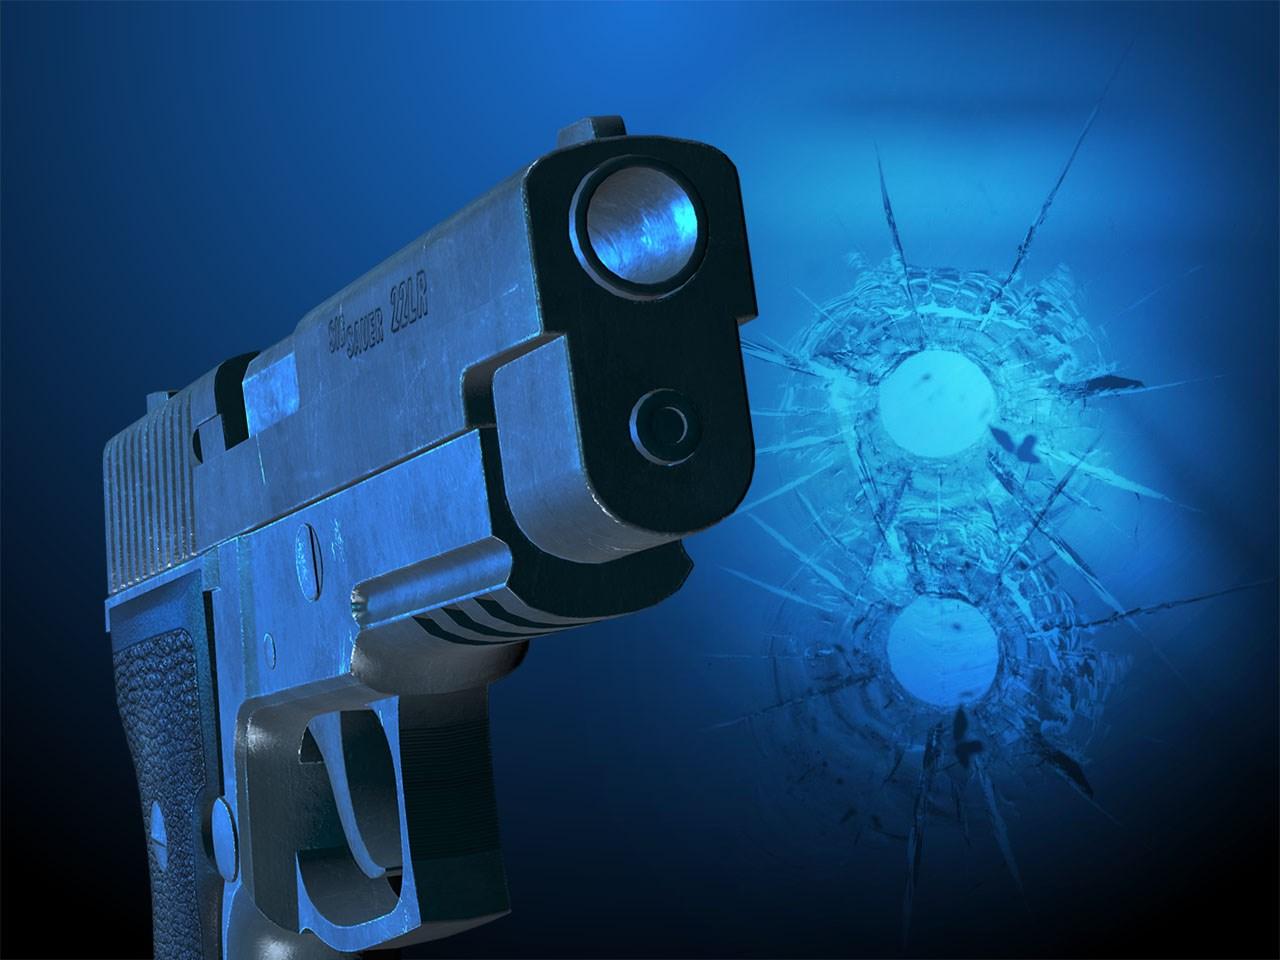 gun_1559163054487.jfif.jpg